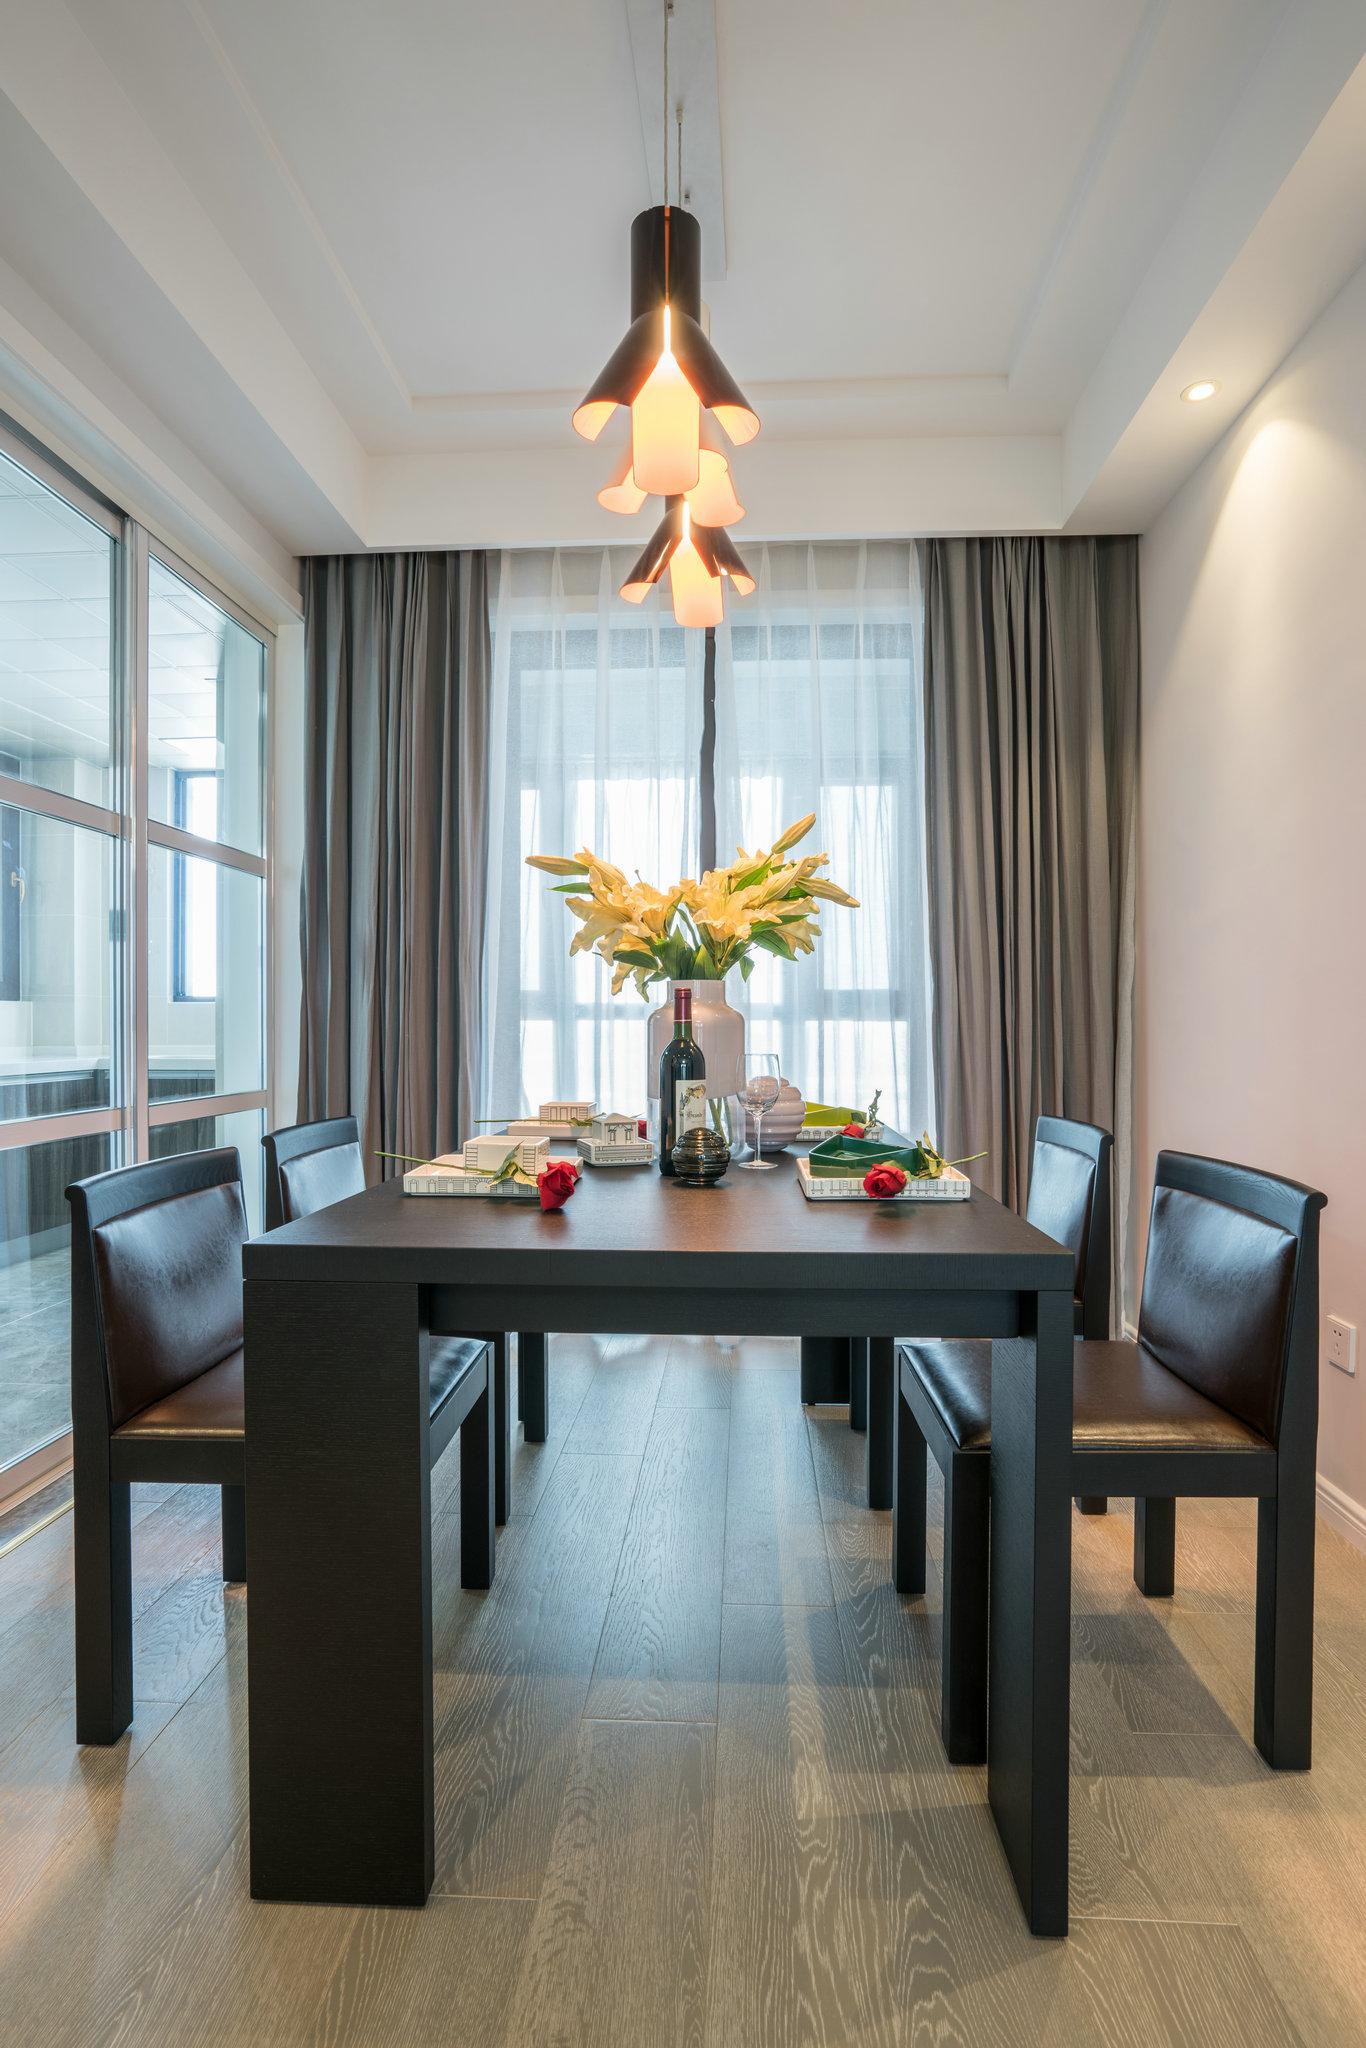 本案本户型的流线较为简单、实用。餐厅、客厅、过道空间形成独立却又完整的空间,功能分布合理。各个房间功能分布合理,主卧、客厅的采光比较好,客厅有个大阳台,十分惬意。